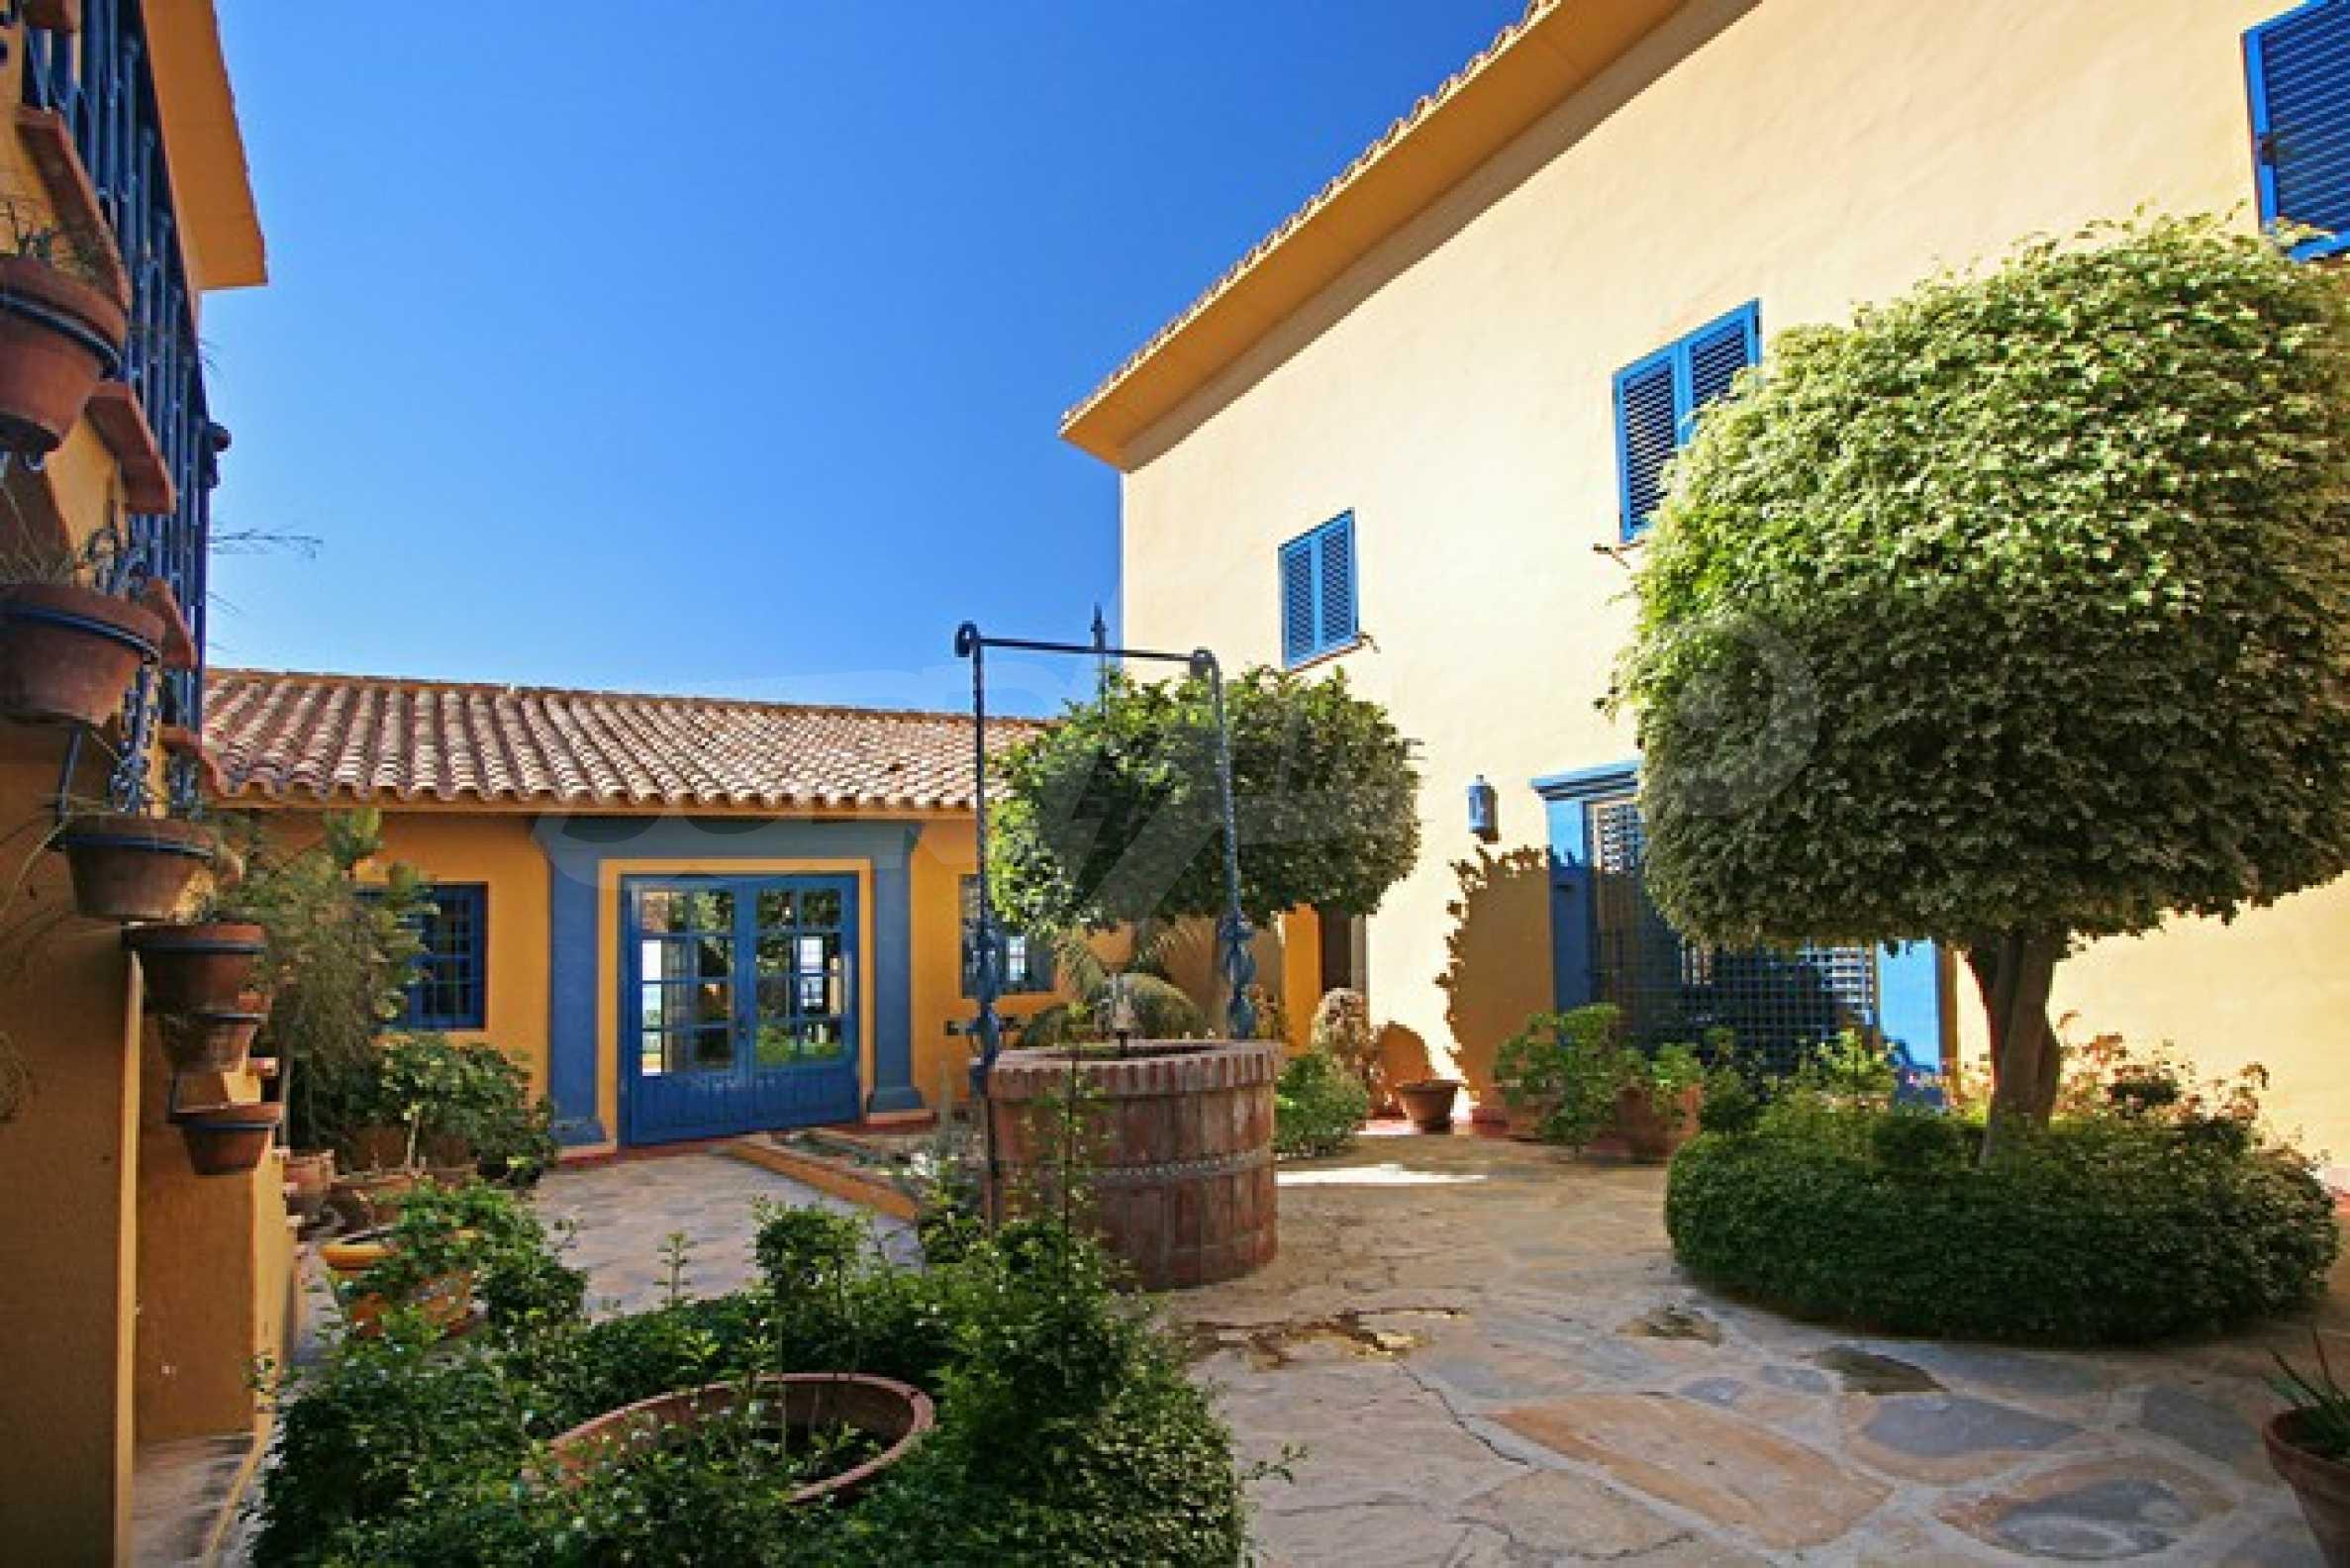 Къща в испански стил 5